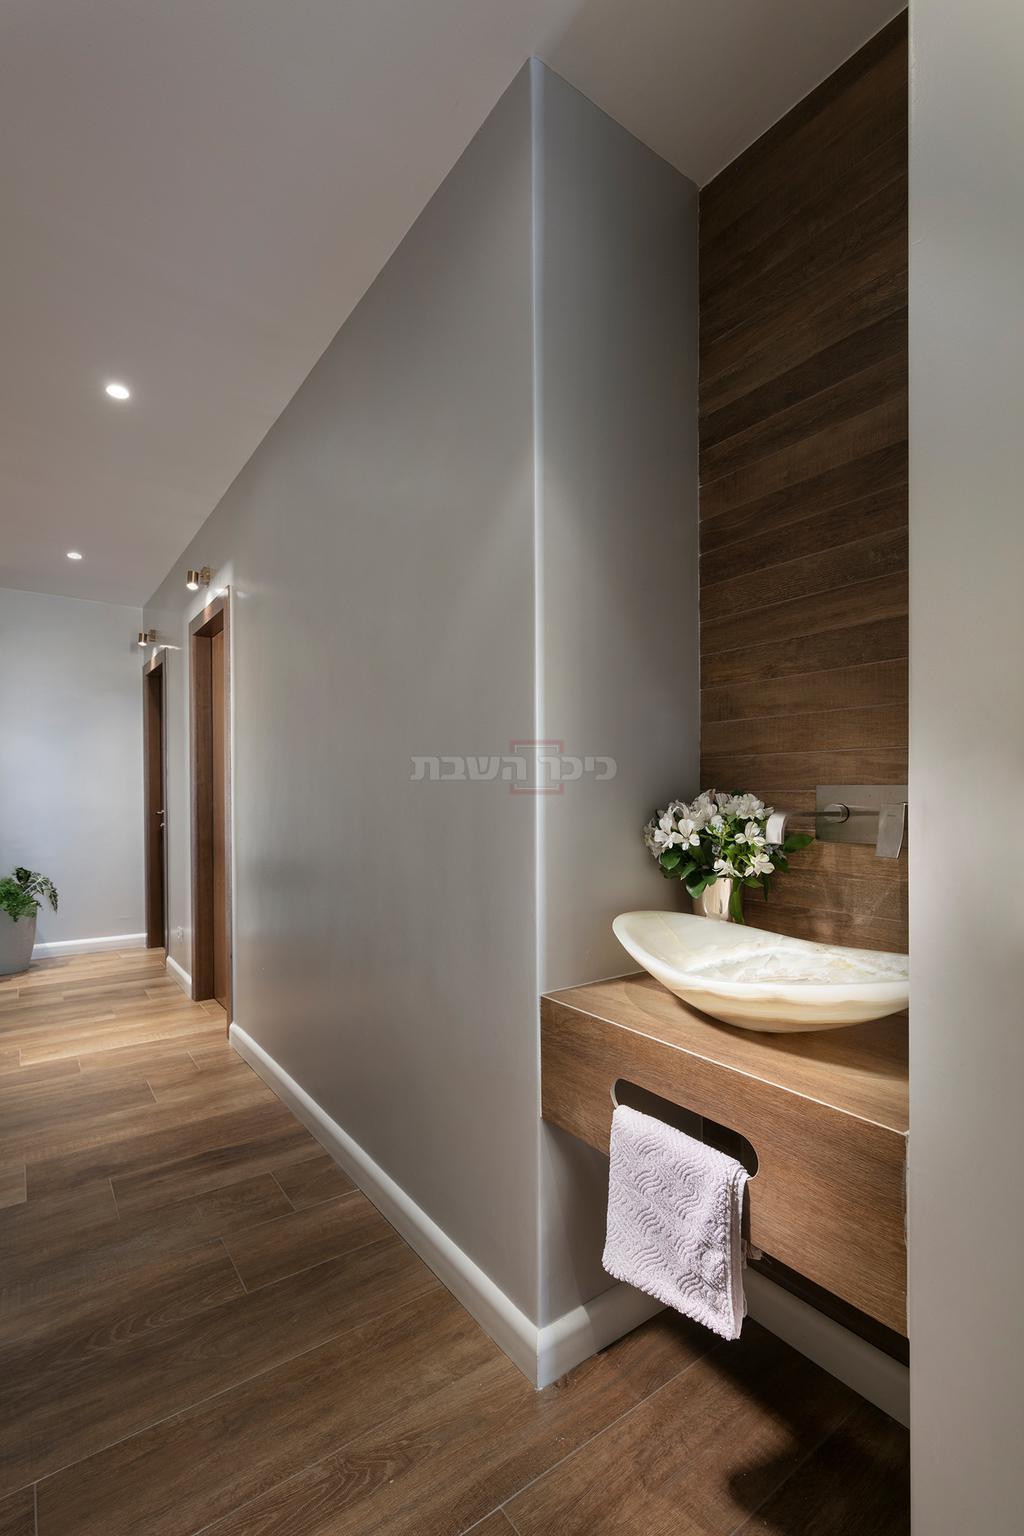 כיור נטילת ידיים כפריט עיצובי השובר את קו העין במסדרון (צילום: אלעד גונן)